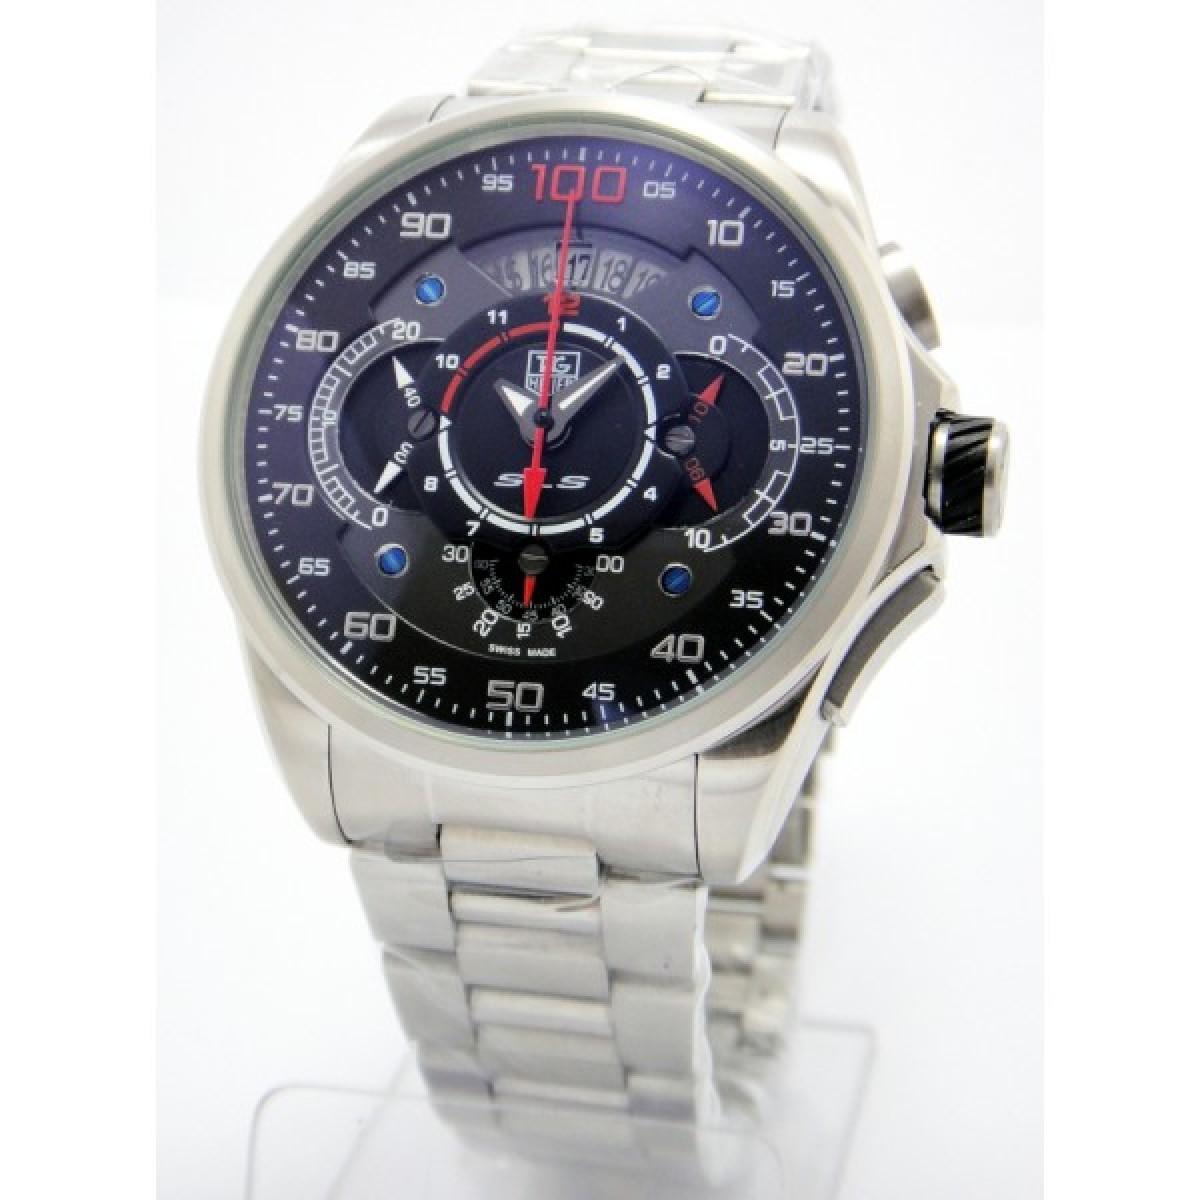 e7d4c502220 Relógio Réplica Tag Heuer Mercedes Benz-Slr 100 Preto Vermelho